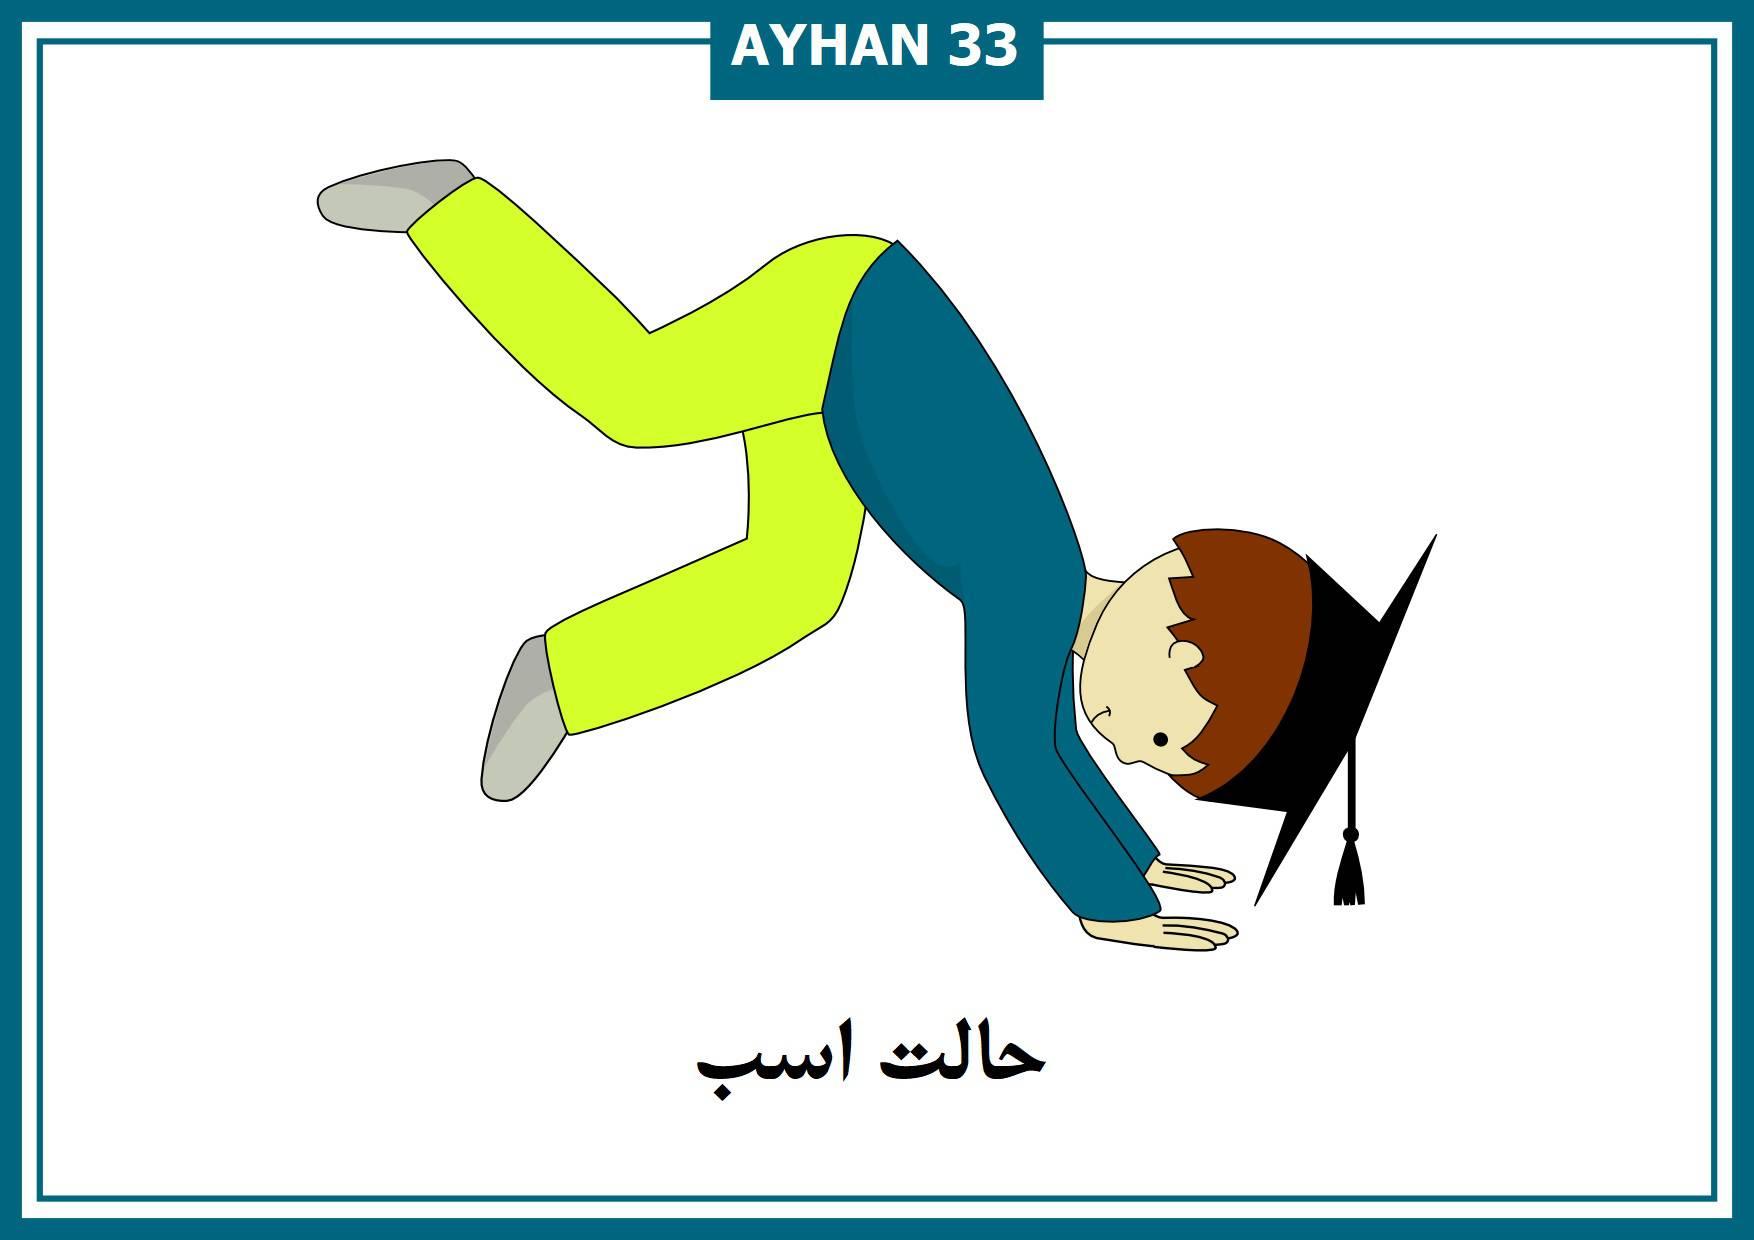 فلش کارتهای حالات اصلی ورزش یوگا به فارسی